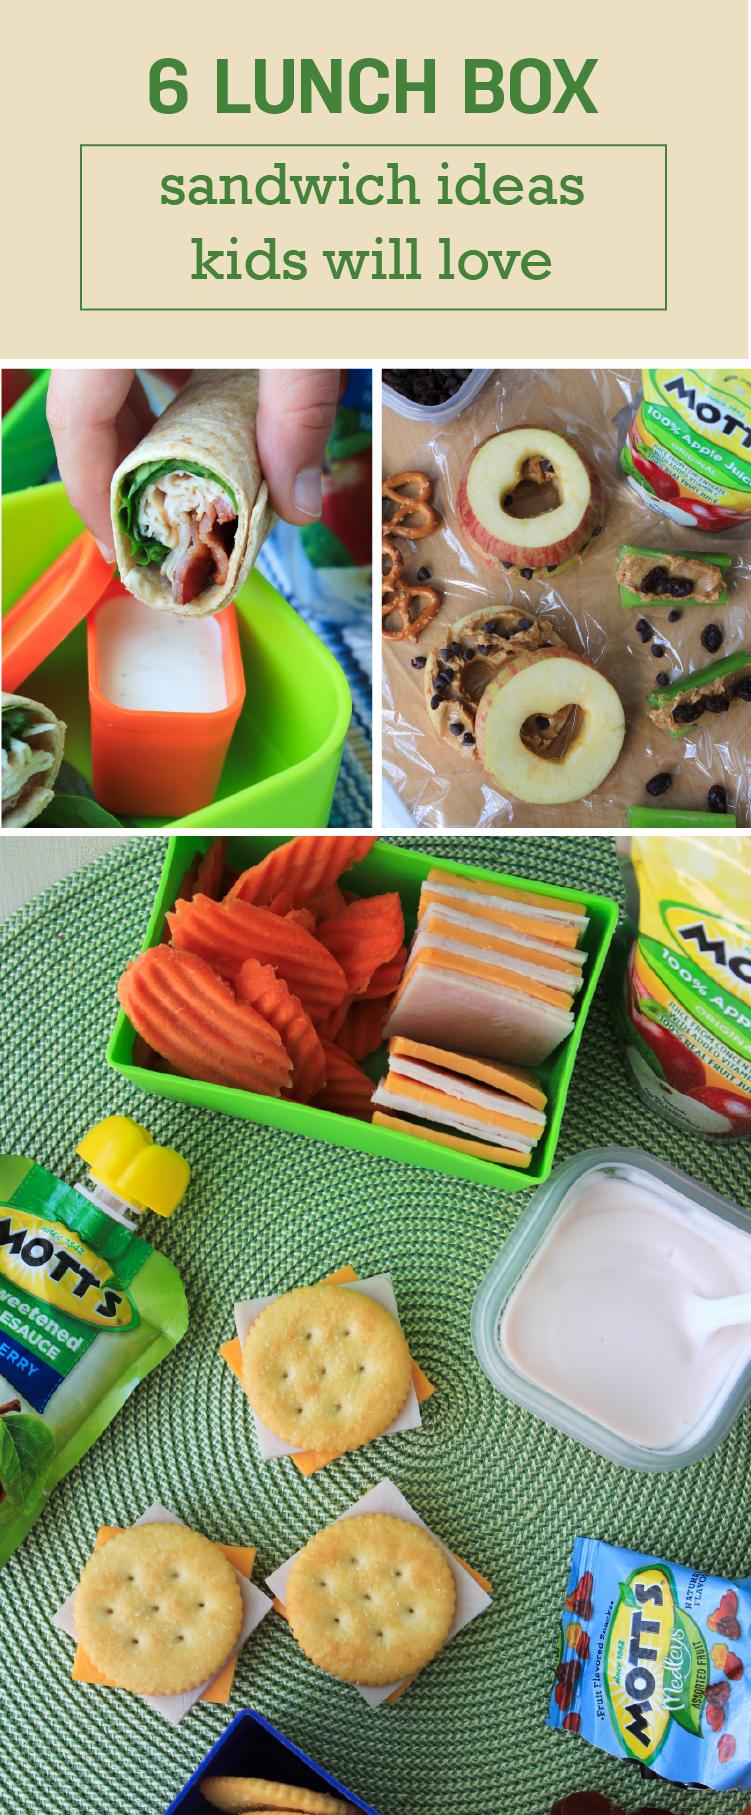 lunch box sandwich ideas kids will love sandwich ideas school